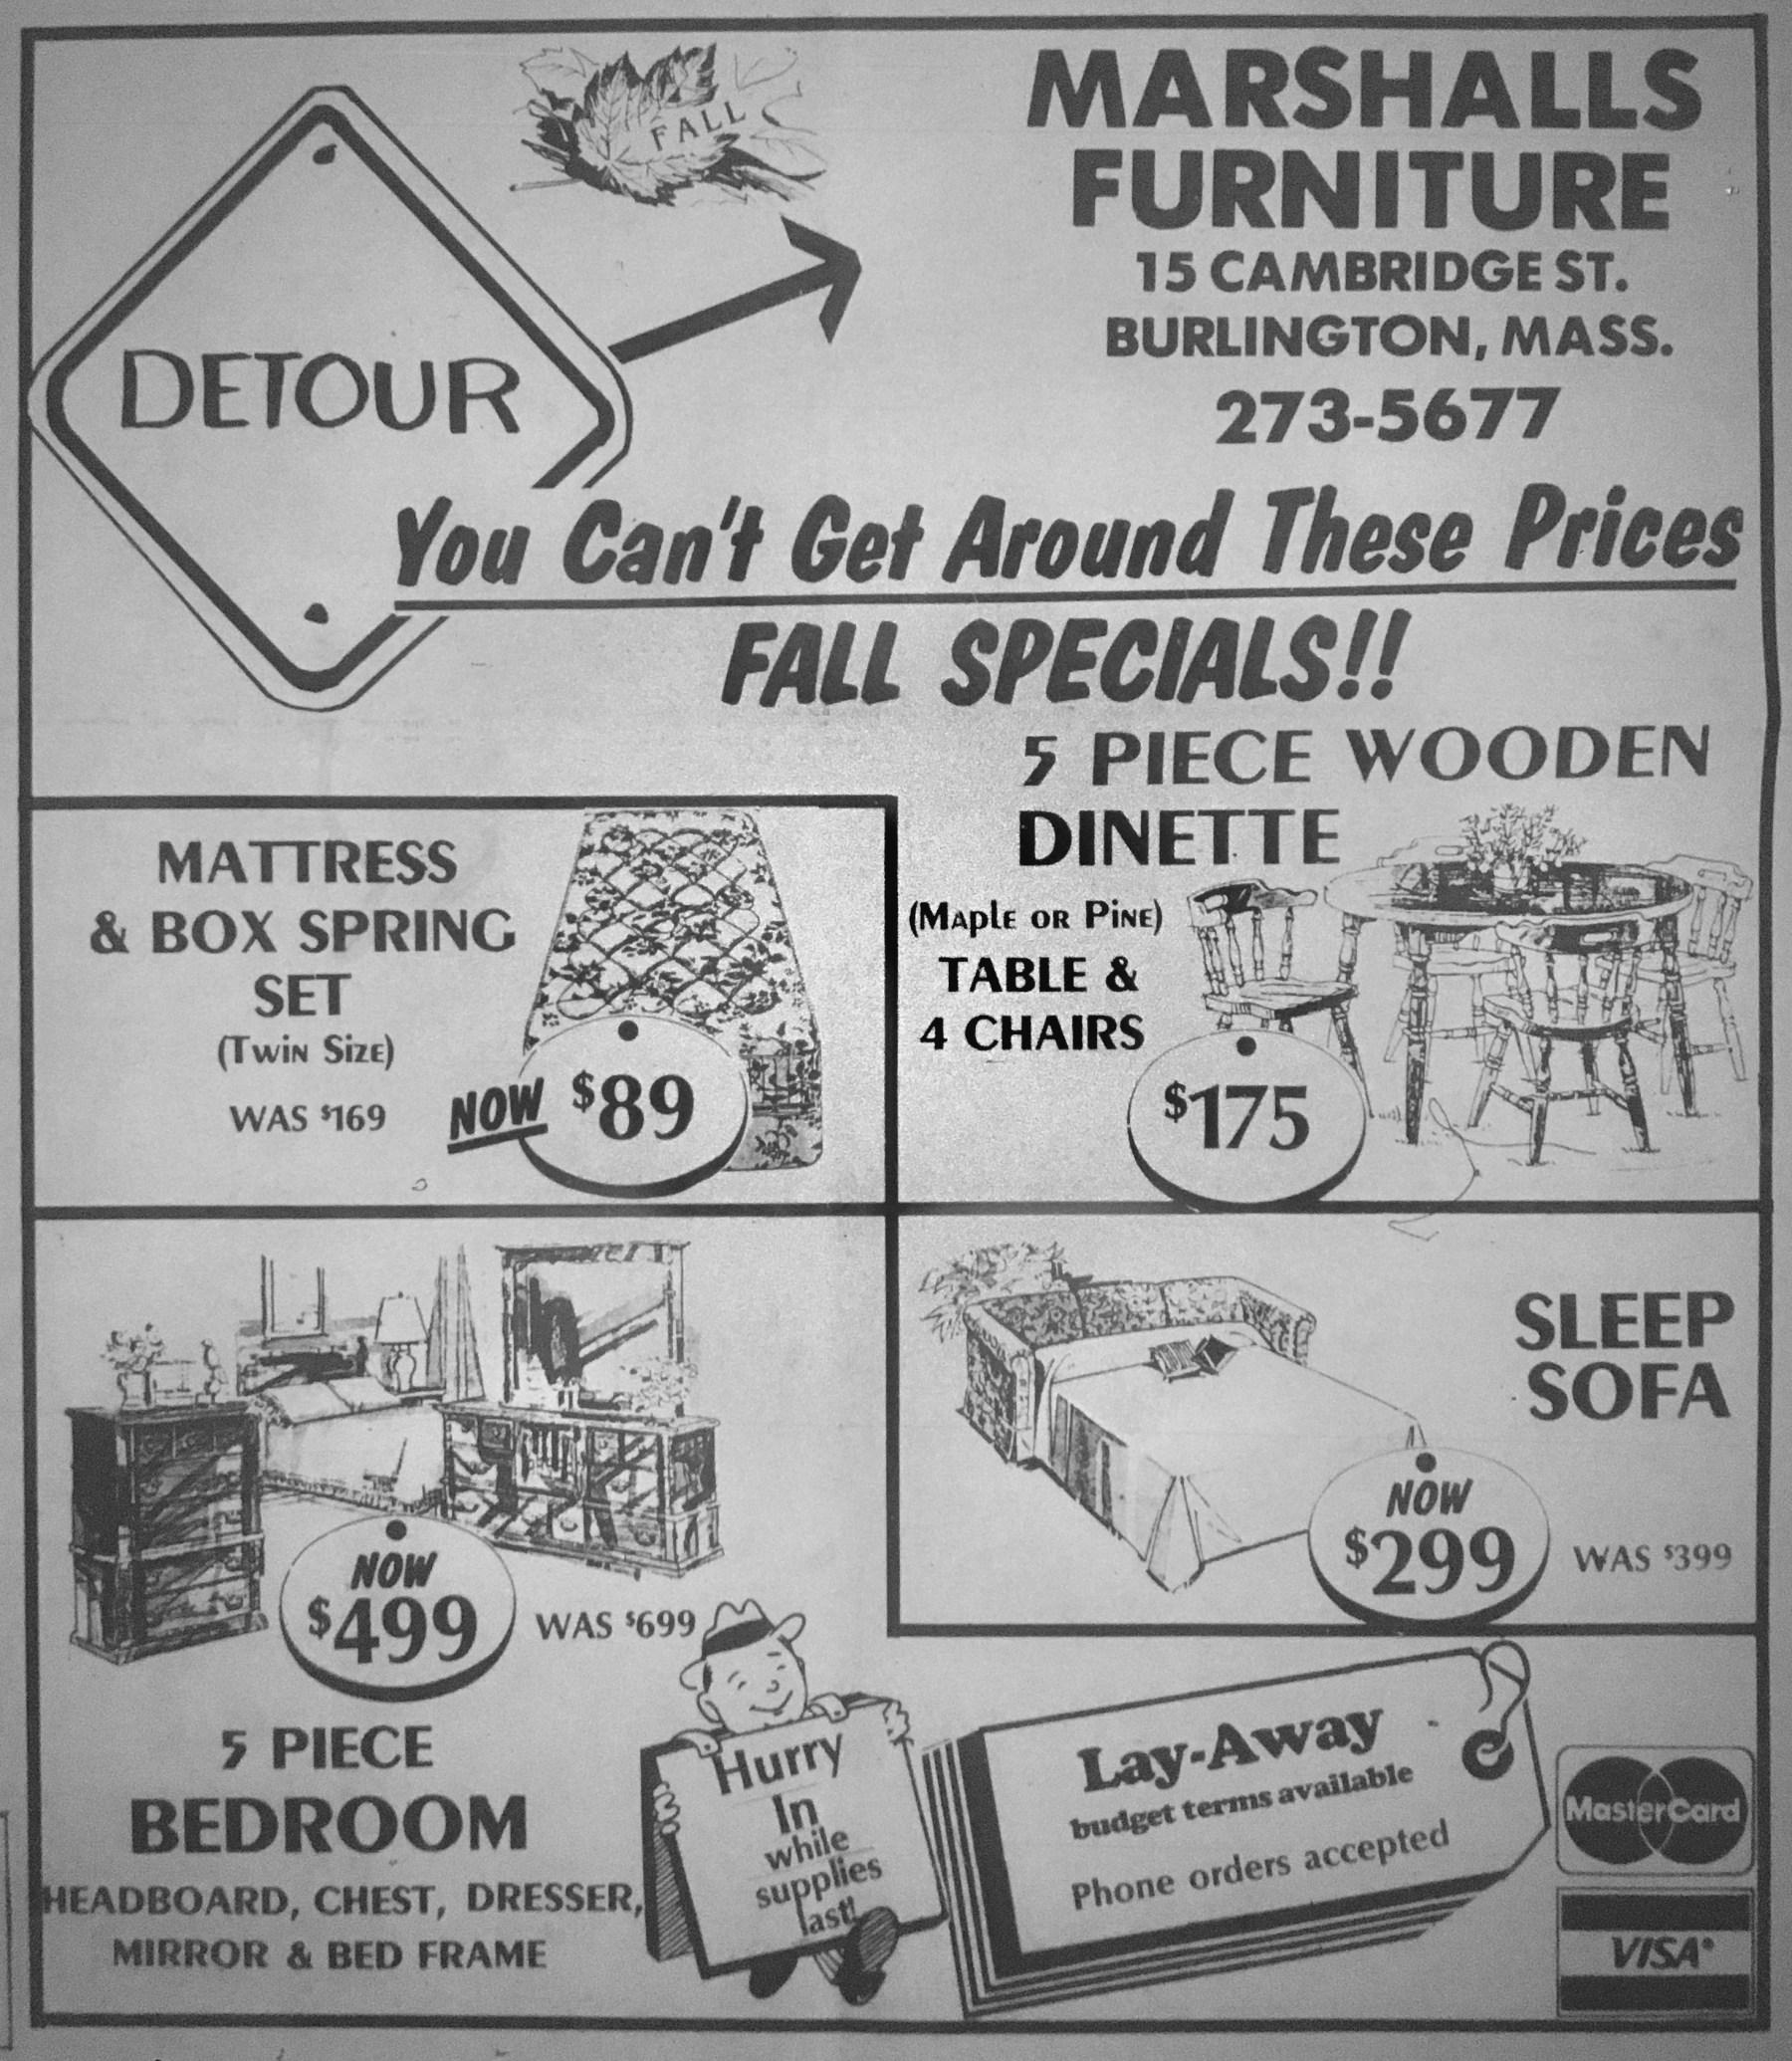 Marshalls Furniture, Burlington MA